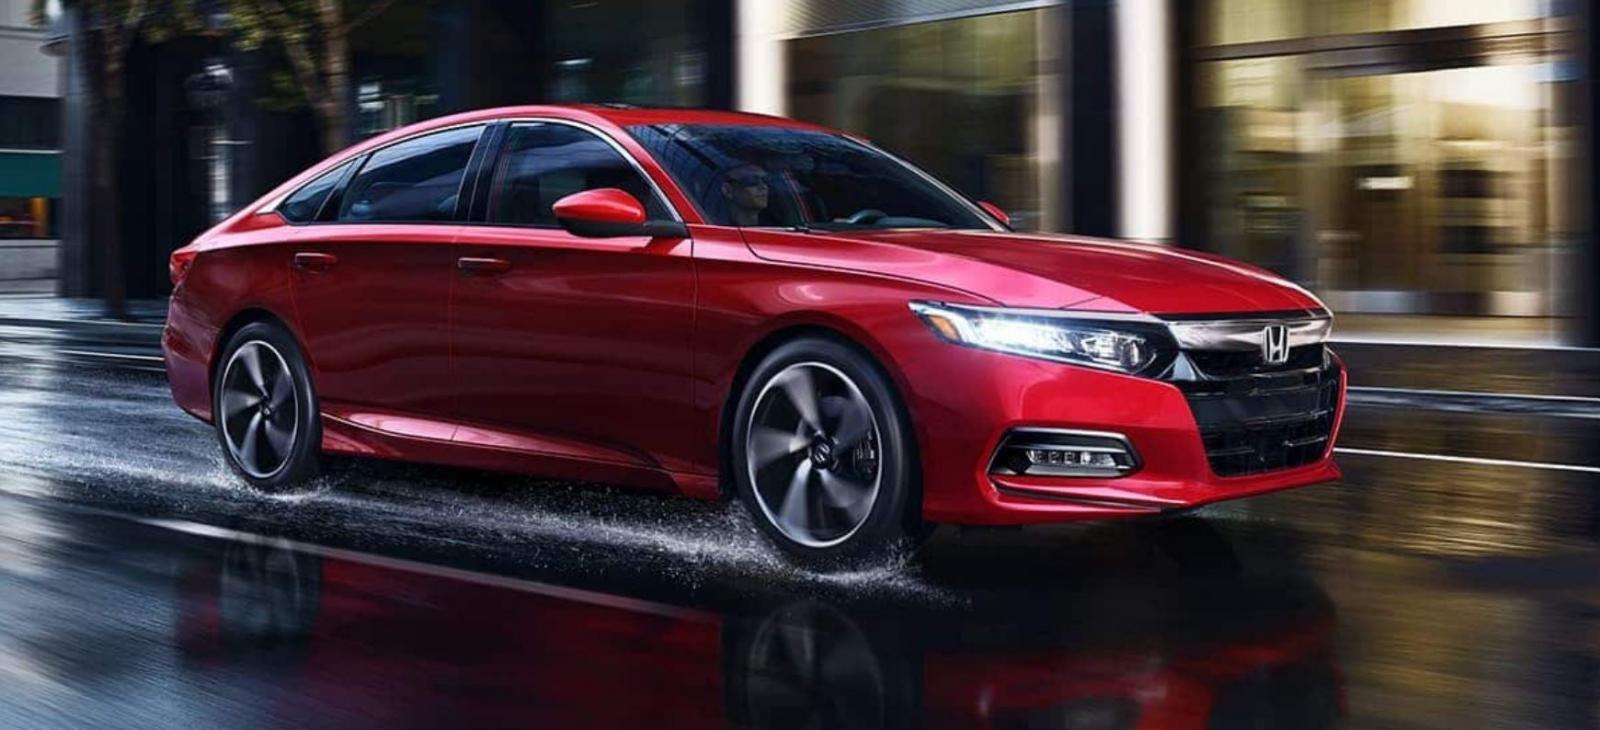 Honda Accord cuốn hút trong từng đường nét thiết kế